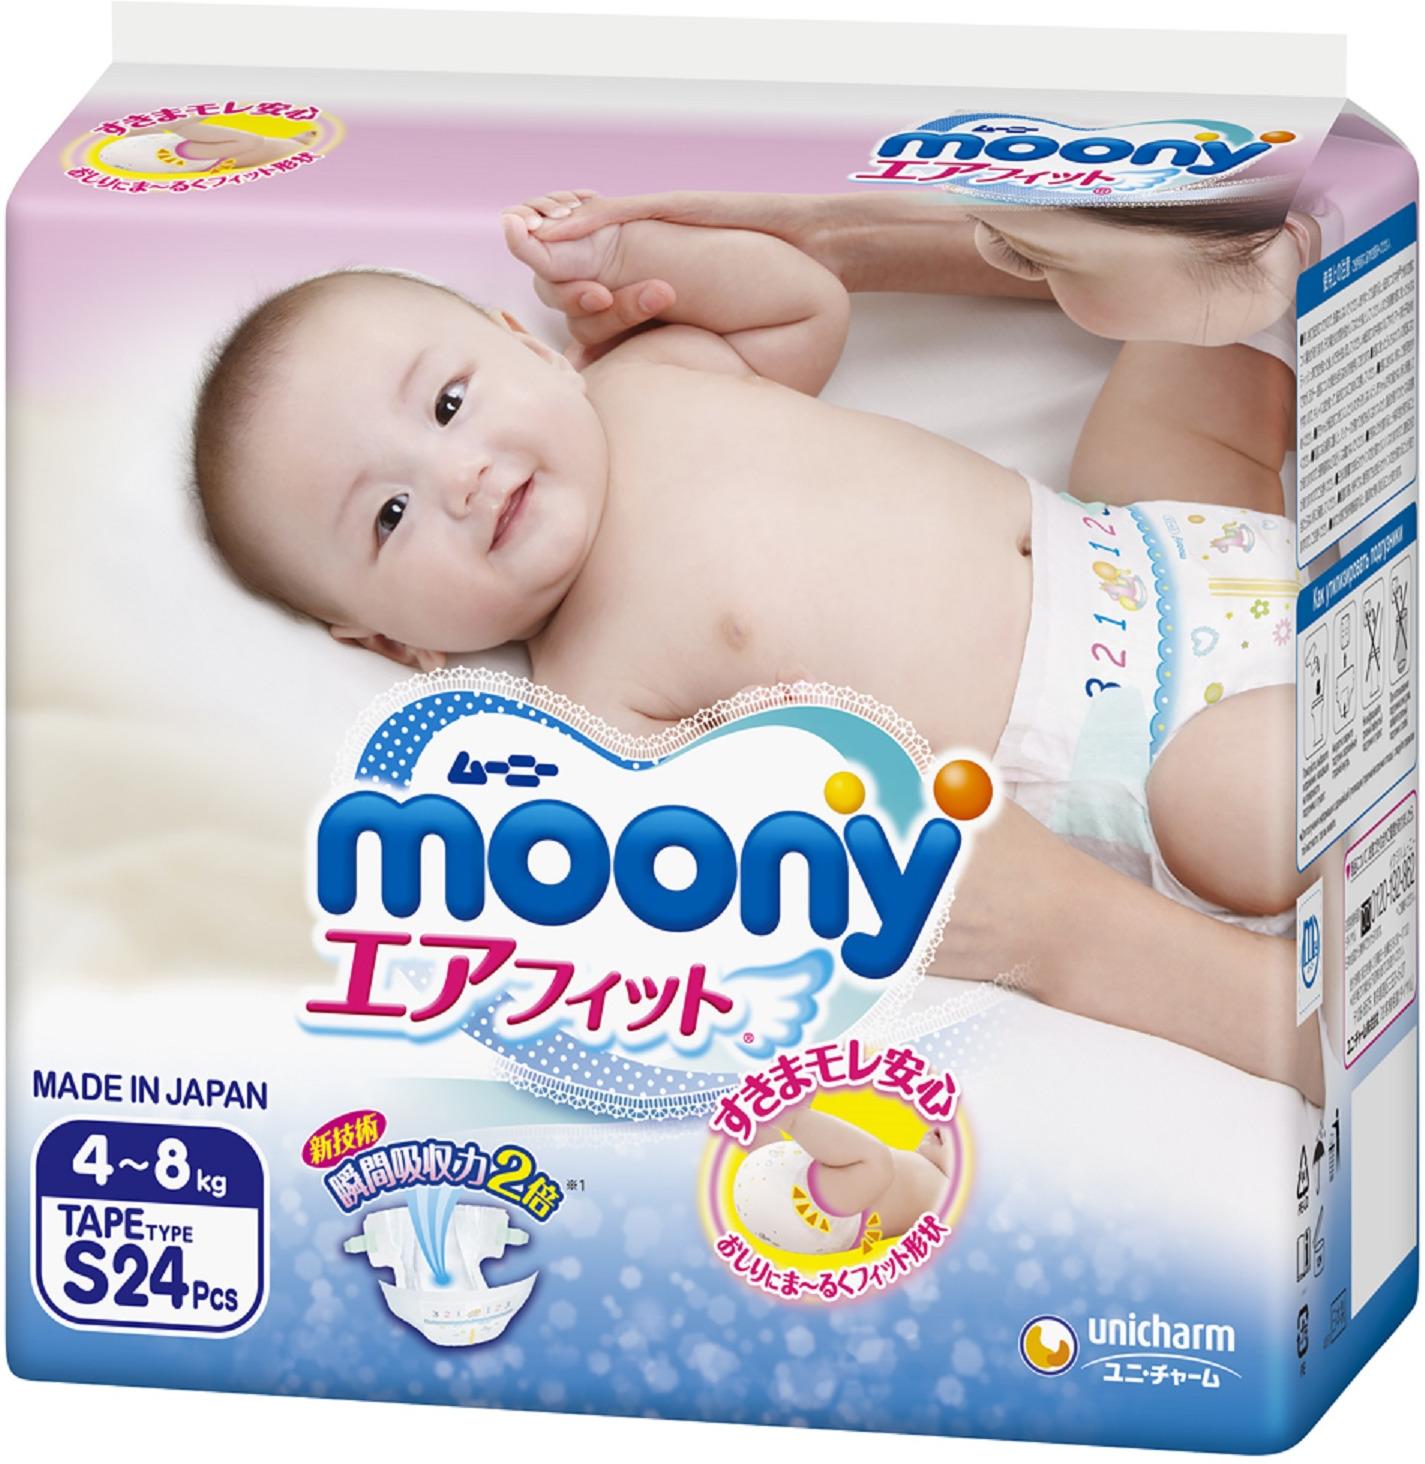 цены на Подгузники Moony, 4-8 кг, размер S, 24 шт  в интернет-магазинах